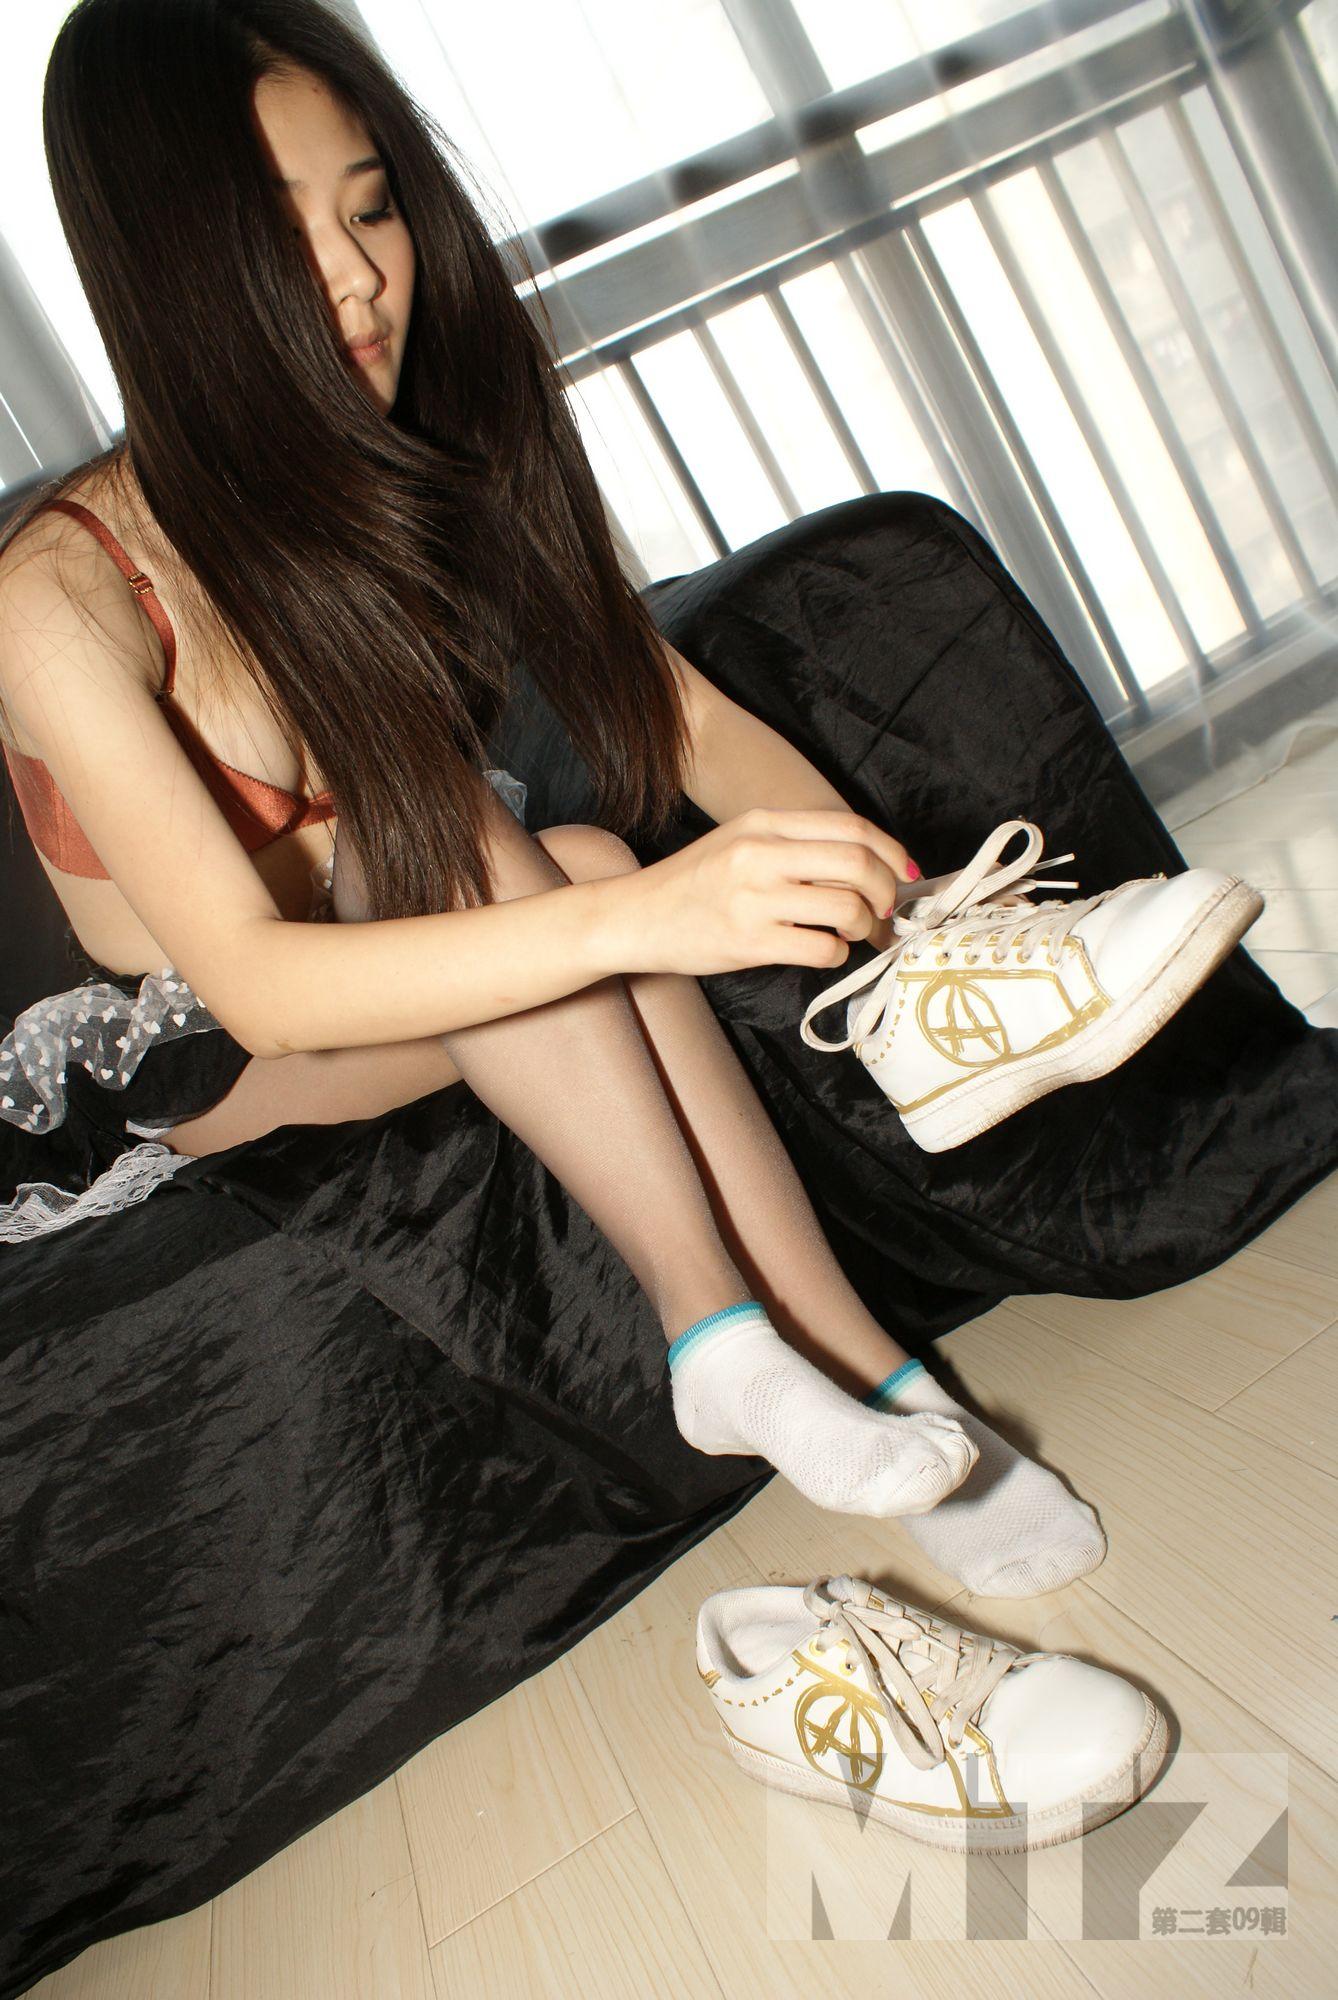 最爱穿运动鞋的女孩 棉袜脚吧